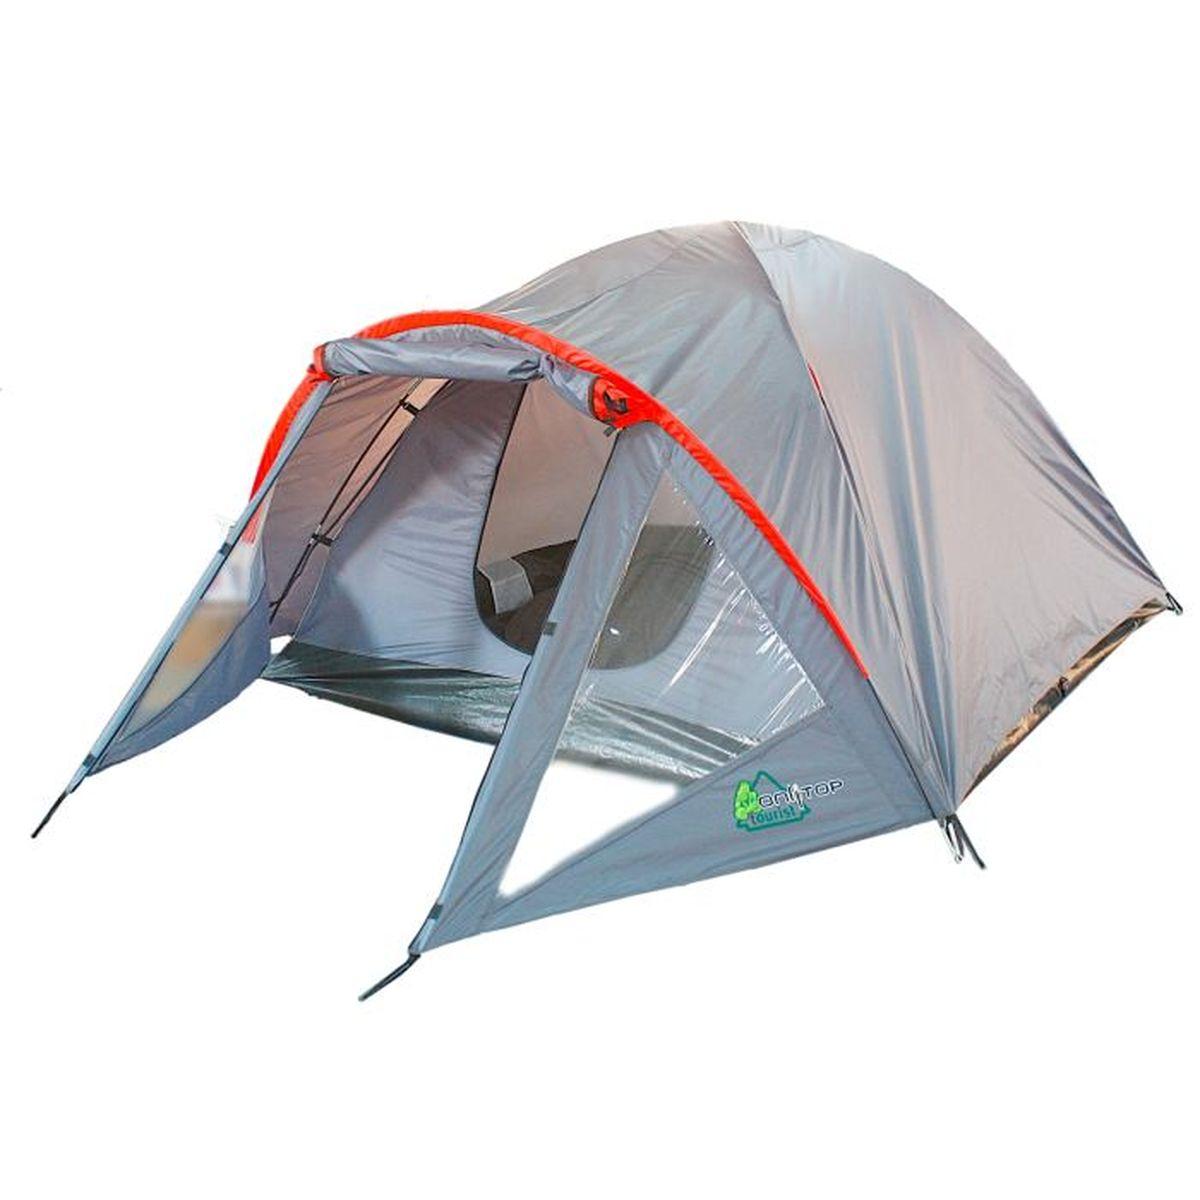 Палатка туристическая Onlitop DISCOVERY 2, цвет: серыйперфорационные unisexЕсли вы заядлый турист или просто любитель природы, вы хоть раз задумывались о ночёвке на свежем воздухе. Чтобы провести это время с комфортом, вам понадобится отличная палатка, такая как DISCOVERY. Она обеспечит безопасный досуг и защитит от непогоды и насекомых. Дополнительным преимуществом данной модели является тамбур, с помощью которого вы можете сэкономить пространство и разместить вещи. Ткань рипстоп гарантирует длительную эксплуатацию палатки за счёт высокой прочности материала.